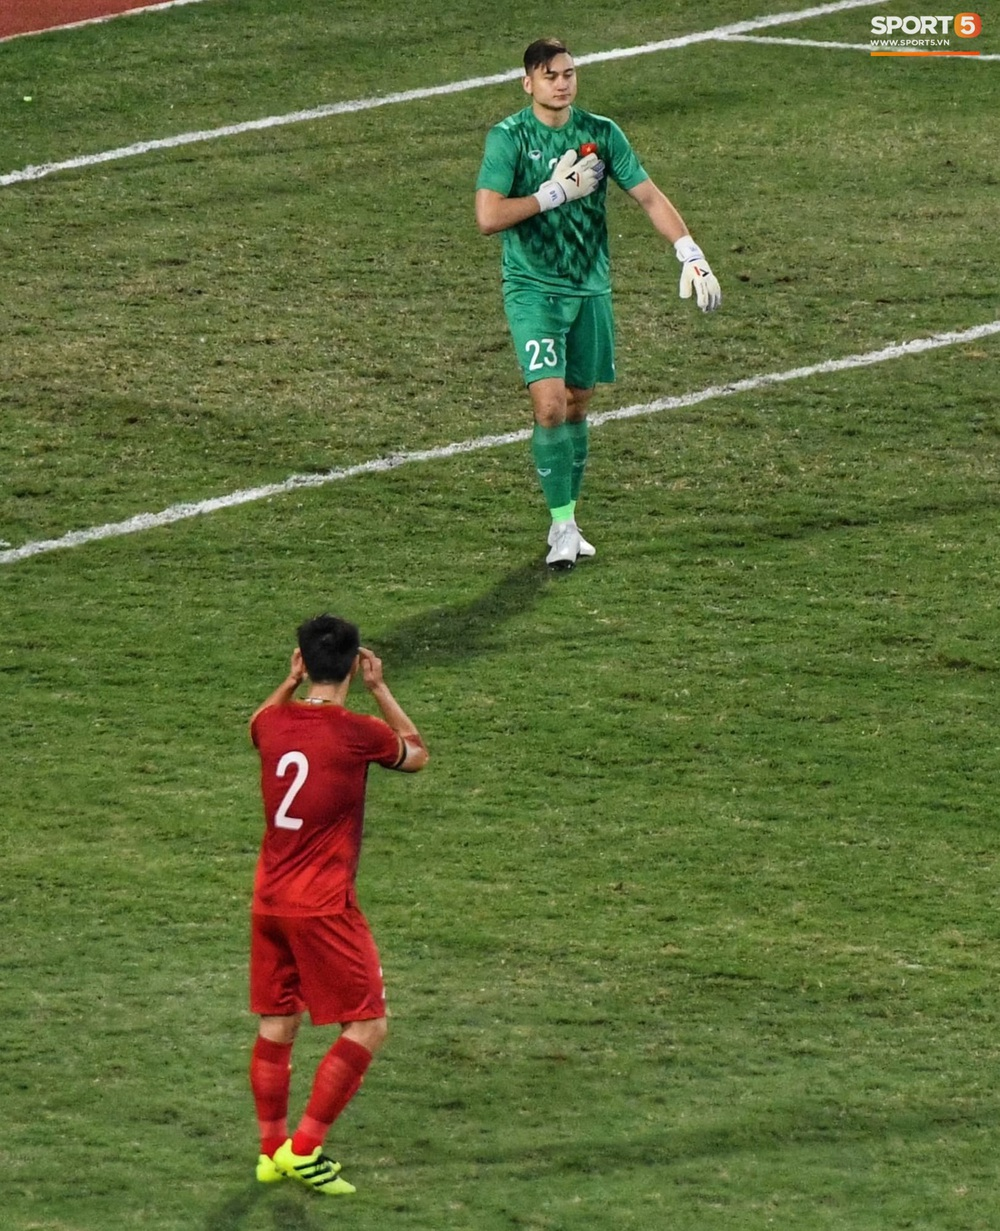 Ngầu như Đặng Văn Lâm: Xuất thần cản phá quả penalty định mệnh, xốc lại tinh thần đồng đội khiến cả sân Mỹ Đình sôi sục - Ảnh 7.